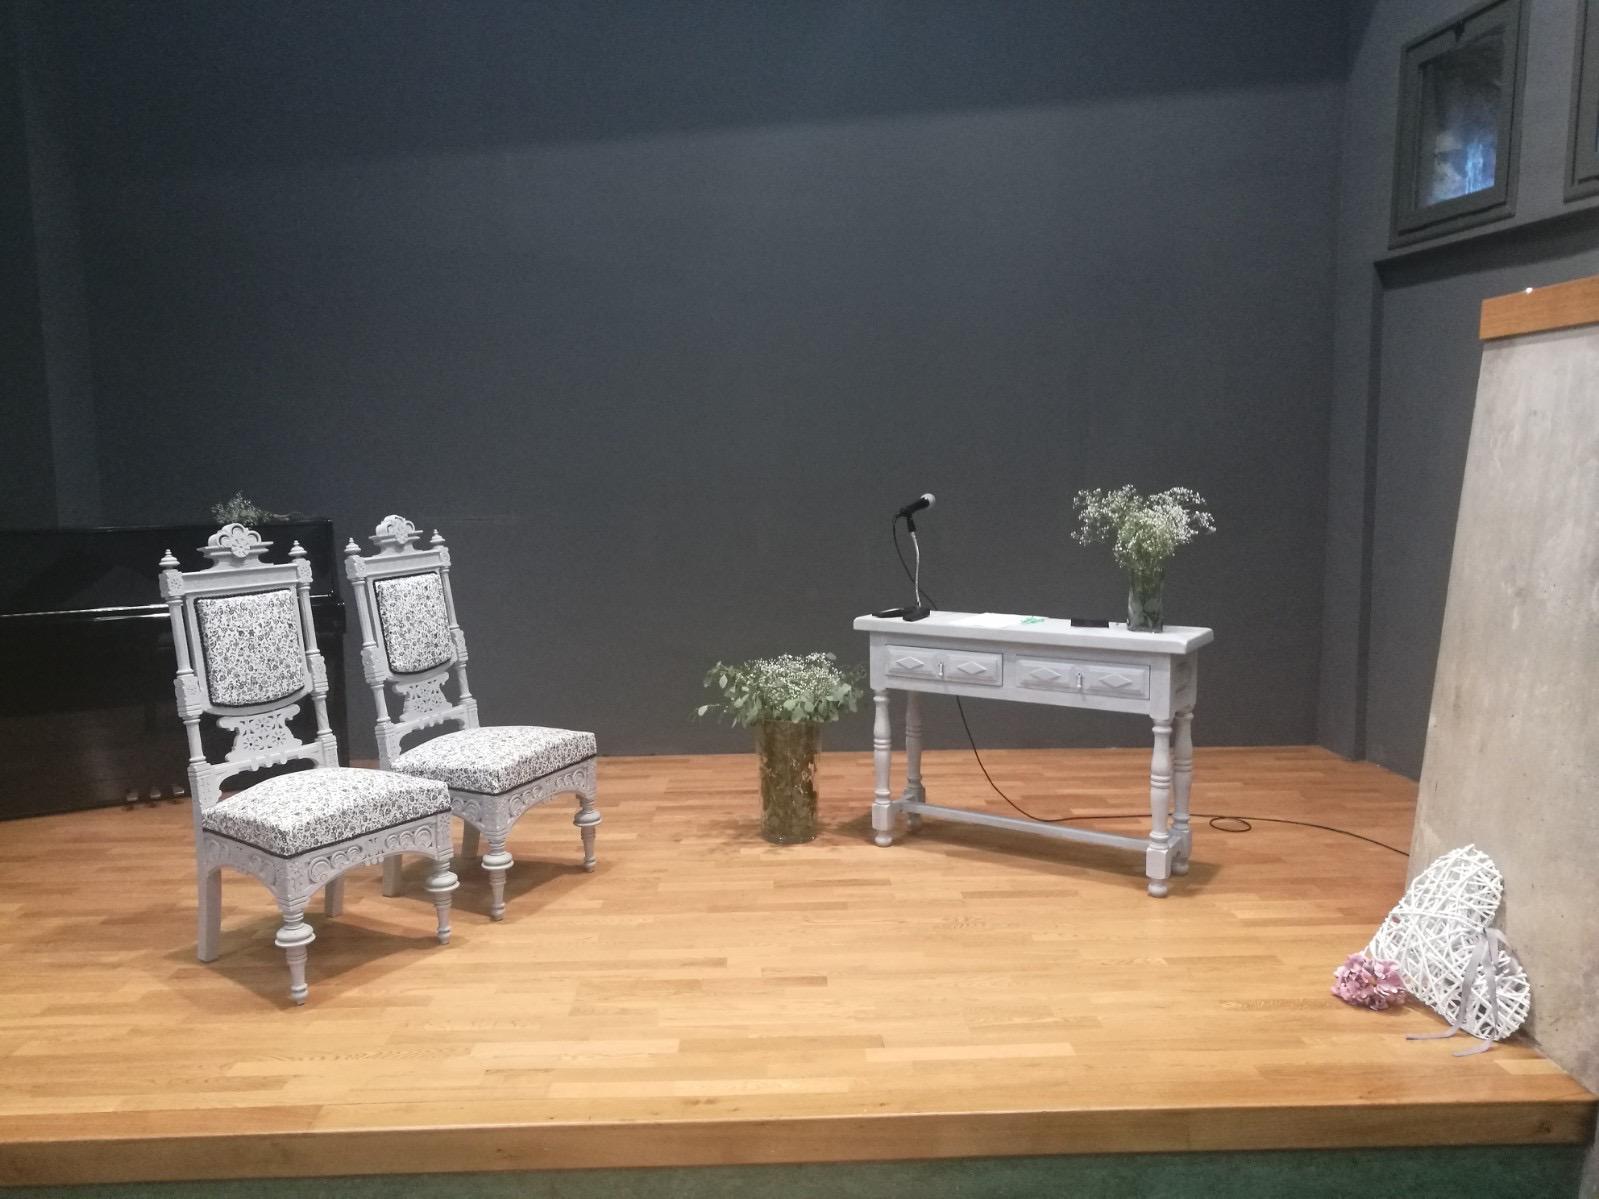 L'Ajuntament renova l'ornamentació de la Sala de l'Auditori Salbà pels casaments civils